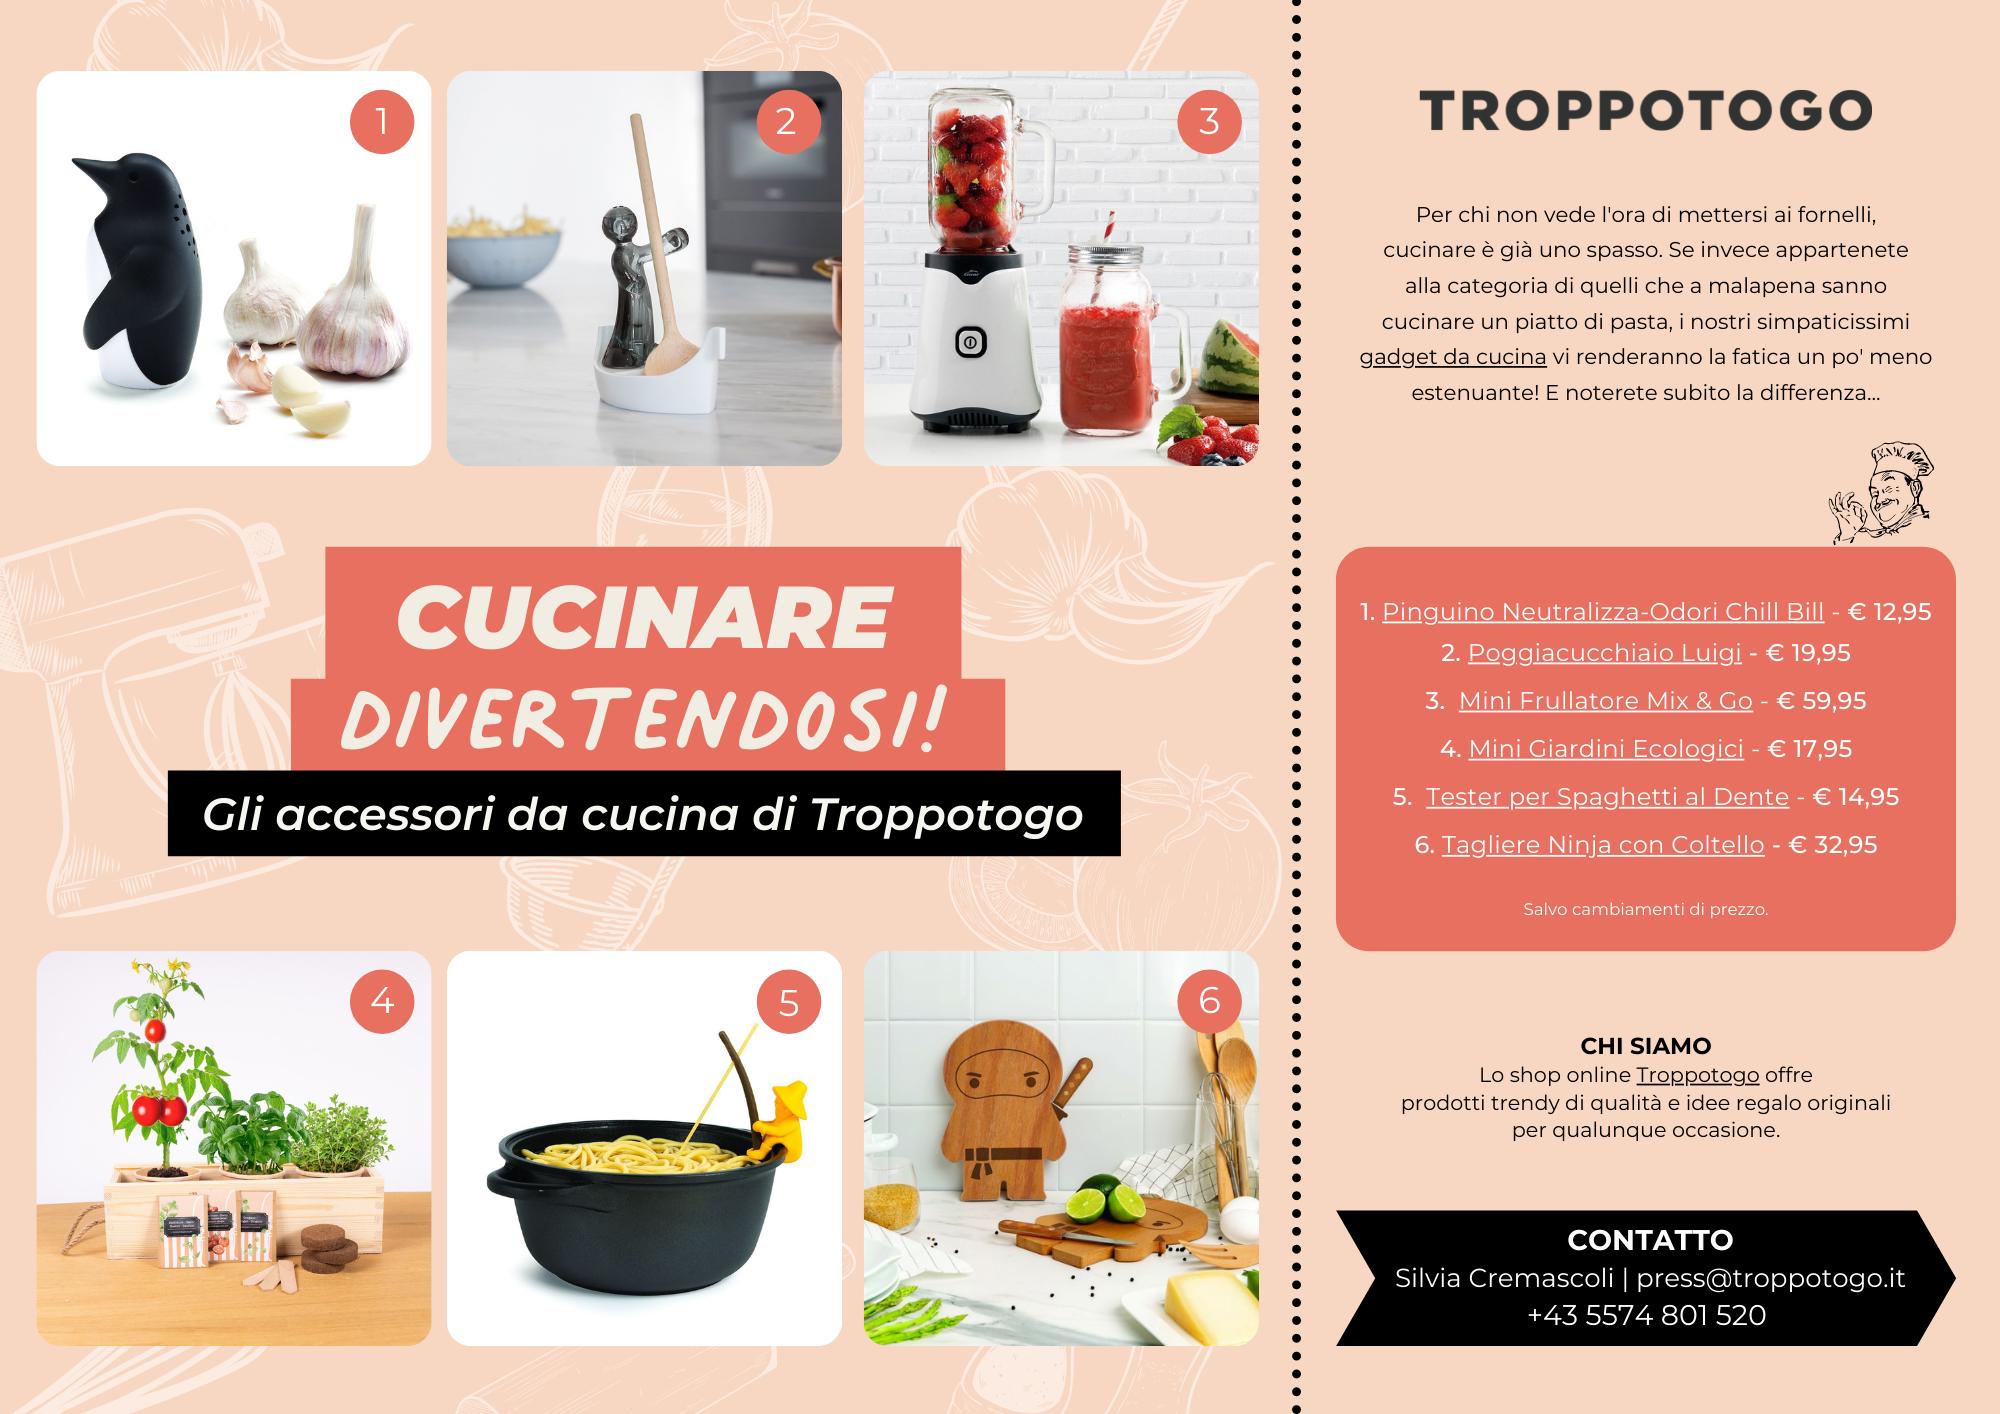 Comunicato Stampa Troppotogo - Cucinare Divertendosi - Settembre 2021